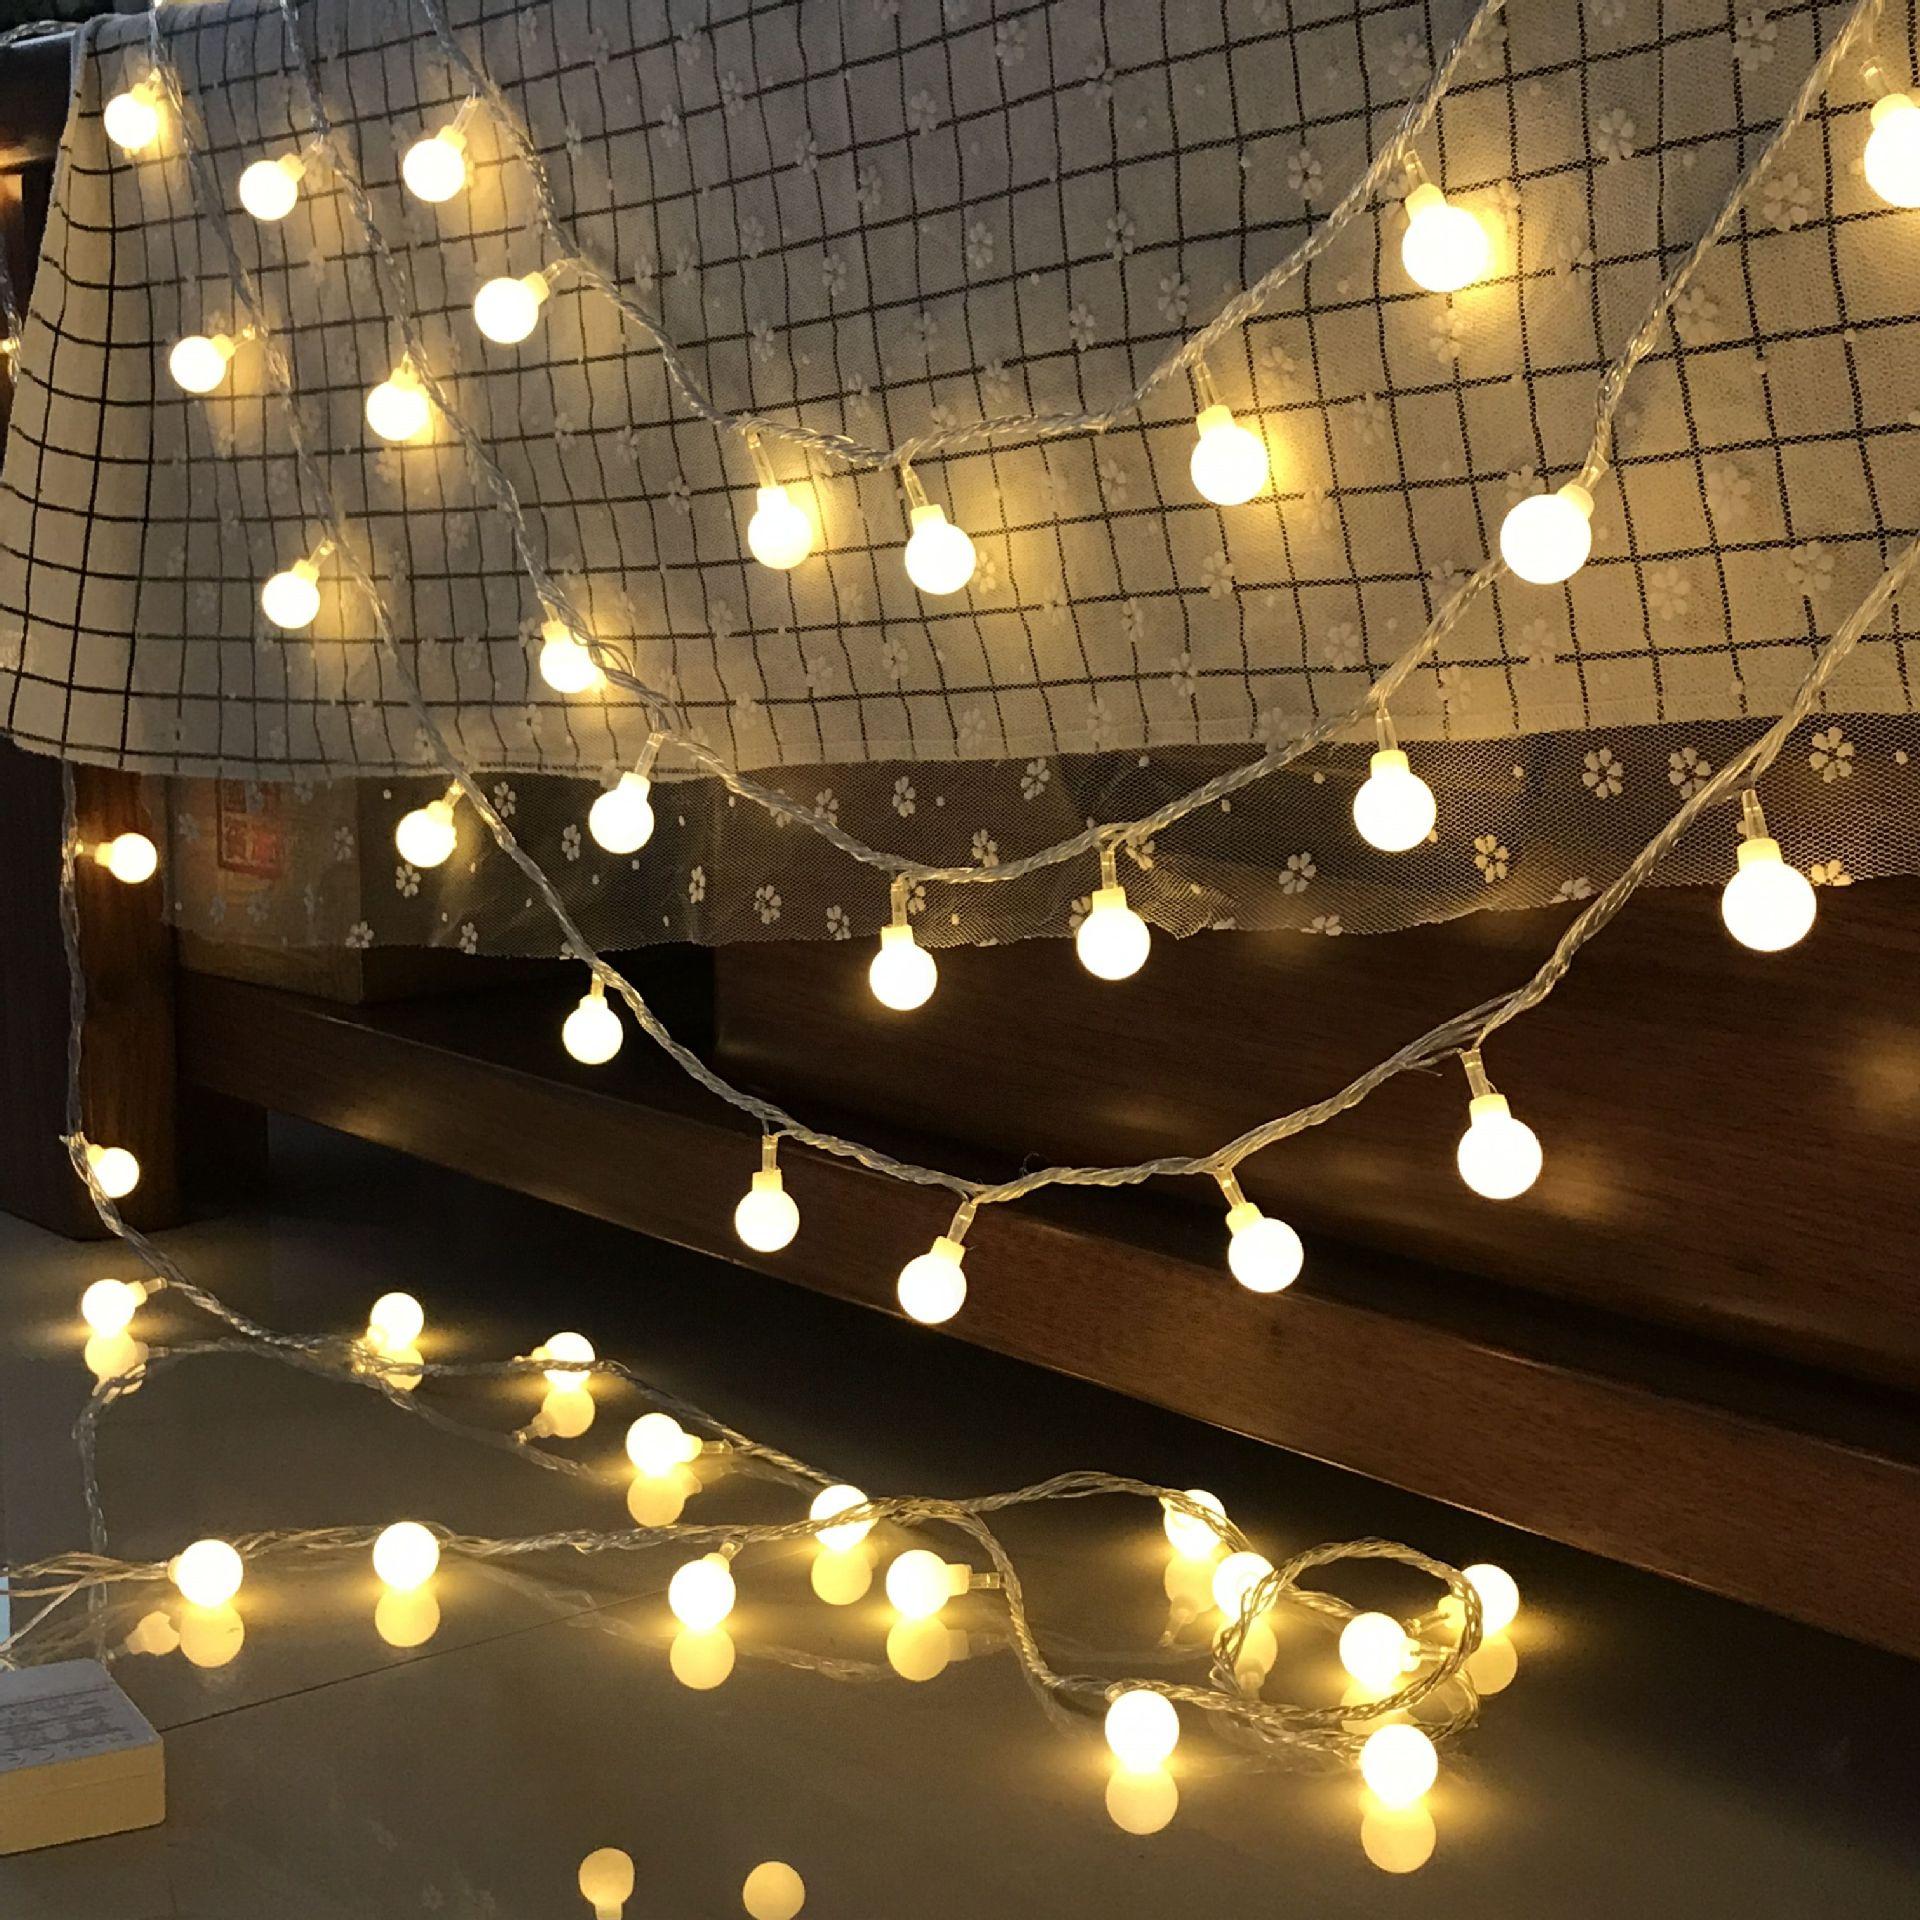 YINGLONG Đèn trang trì Led chuỗi pin USB phần bóng chuỗi ánh sáng đầy sao Giáng sinh nhỏ đèn sao ánh